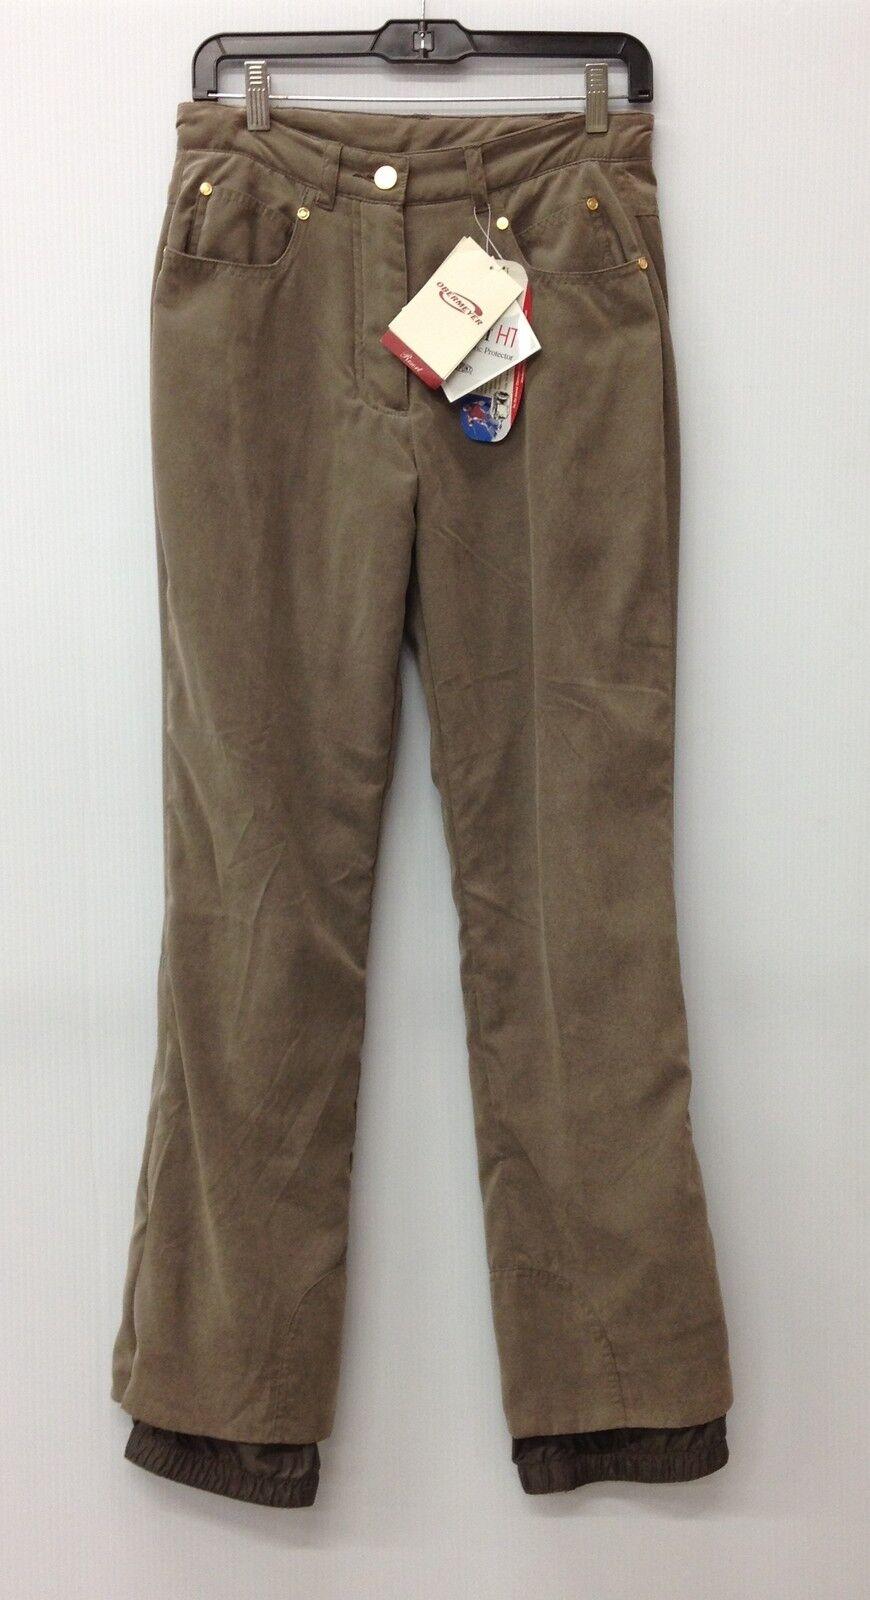 Obermeyer Womens Cortina Insulated Ski Pants 35127 Mala Size 6